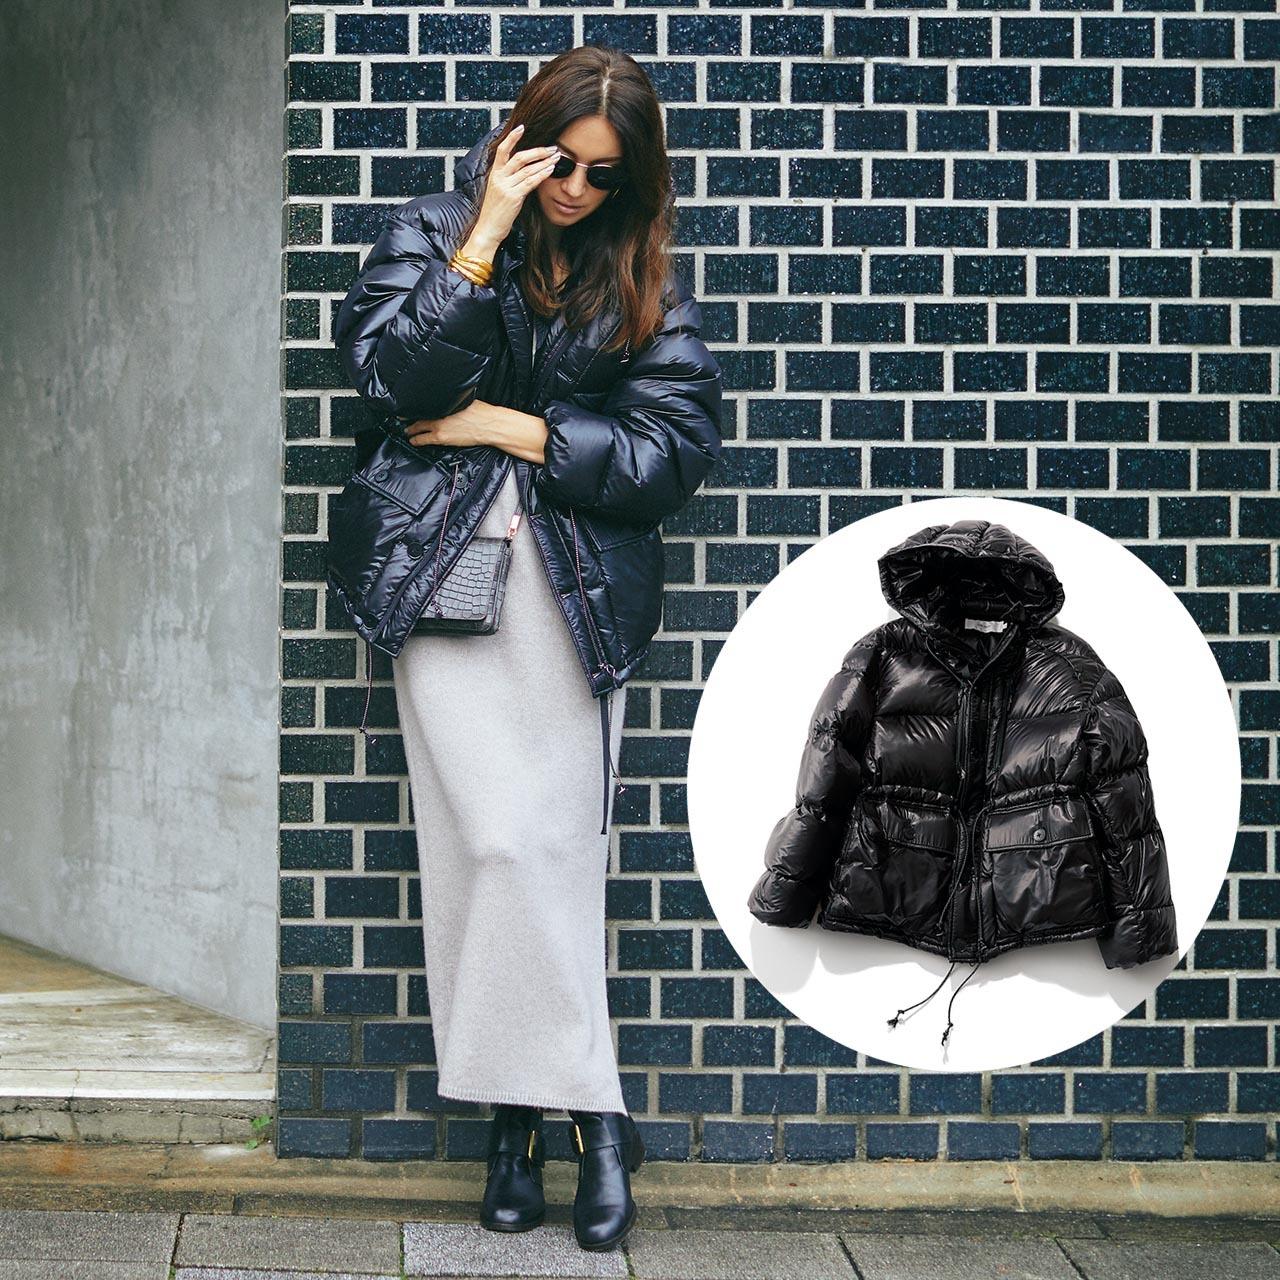 ダウンジャケット×ワンピースコーデを着たモデルのブレンダさん